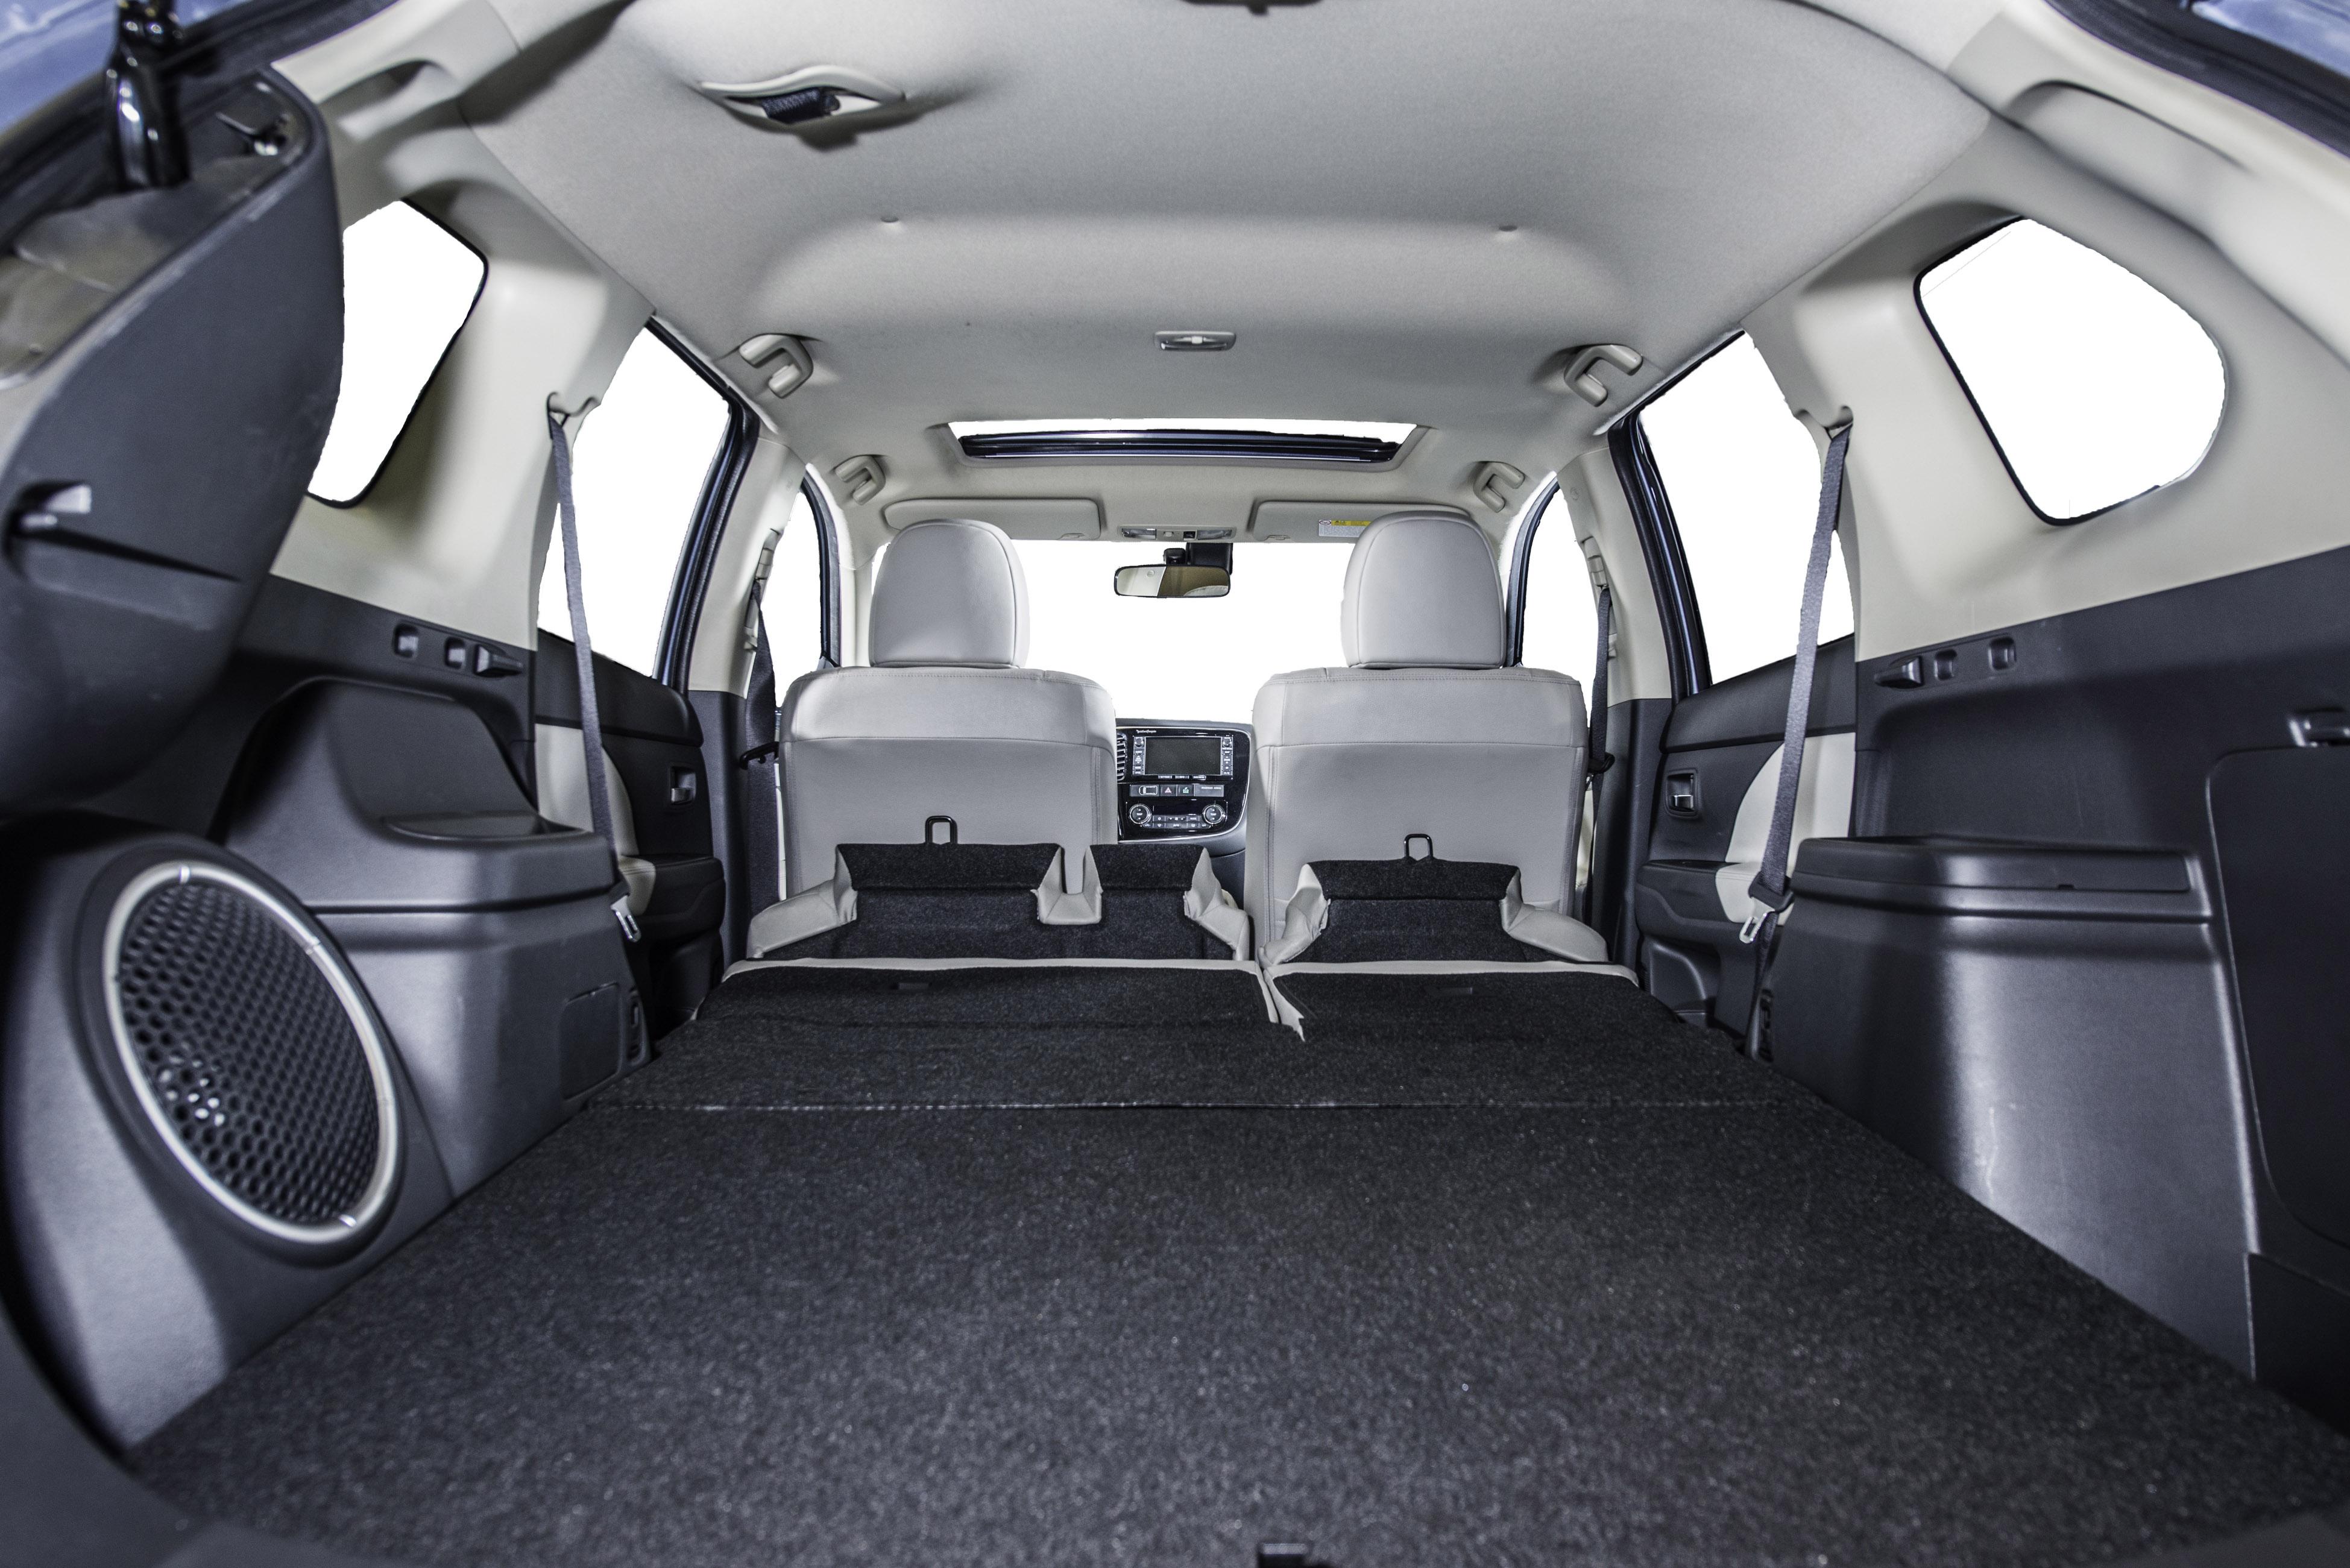 salone di ginevra mitsubishi outlander phev la rivoluzione elettrica in famiglia veicoli. Black Bedroom Furniture Sets. Home Design Ideas